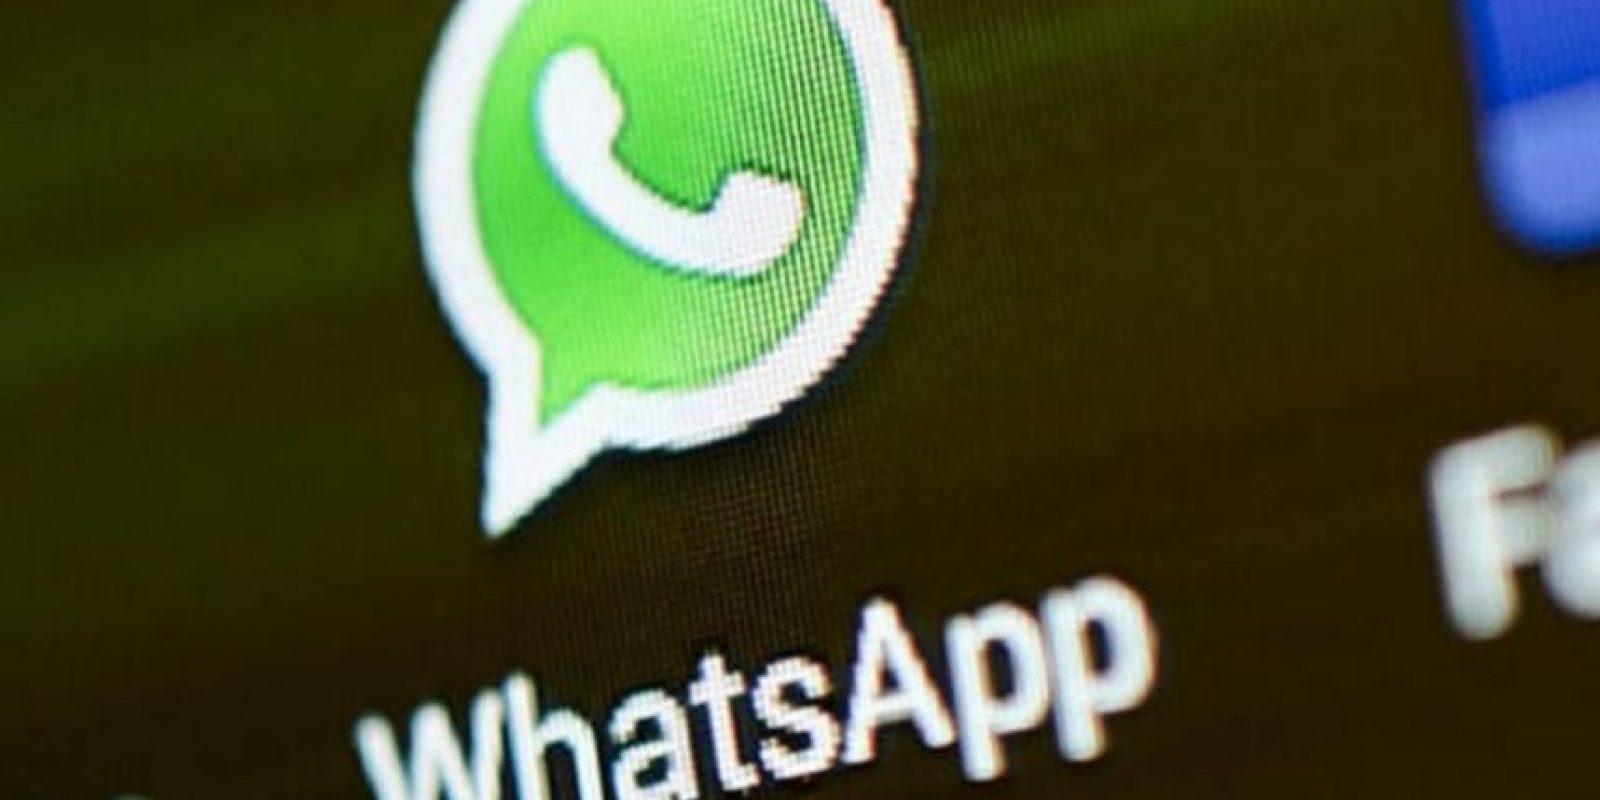 Es su frase más usada y cuando les preguntan cómo contactarlos dicen que solo por WhatsApp. Foto:Pinterest